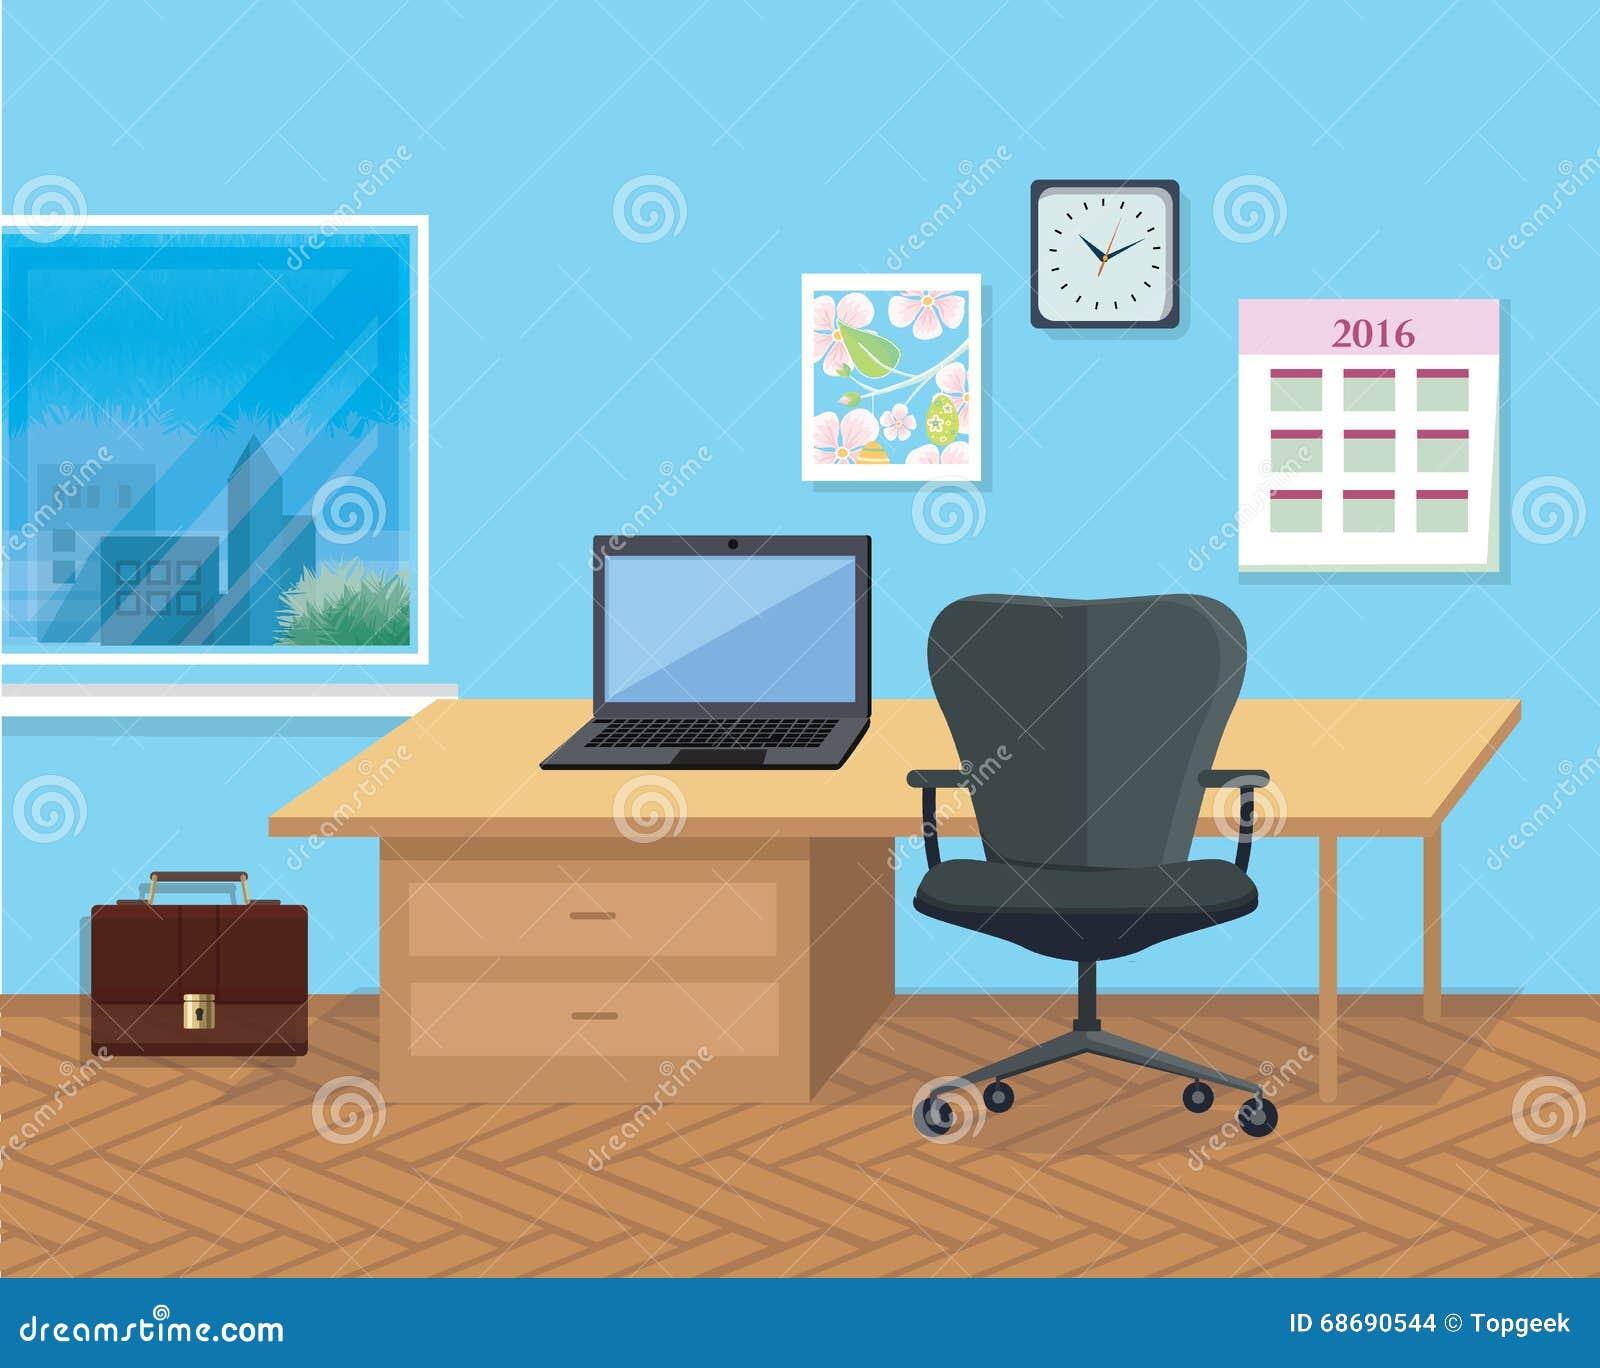 Stanza interna dell 39 ufficio illustrazione per il disegno for Stanza in ufficio